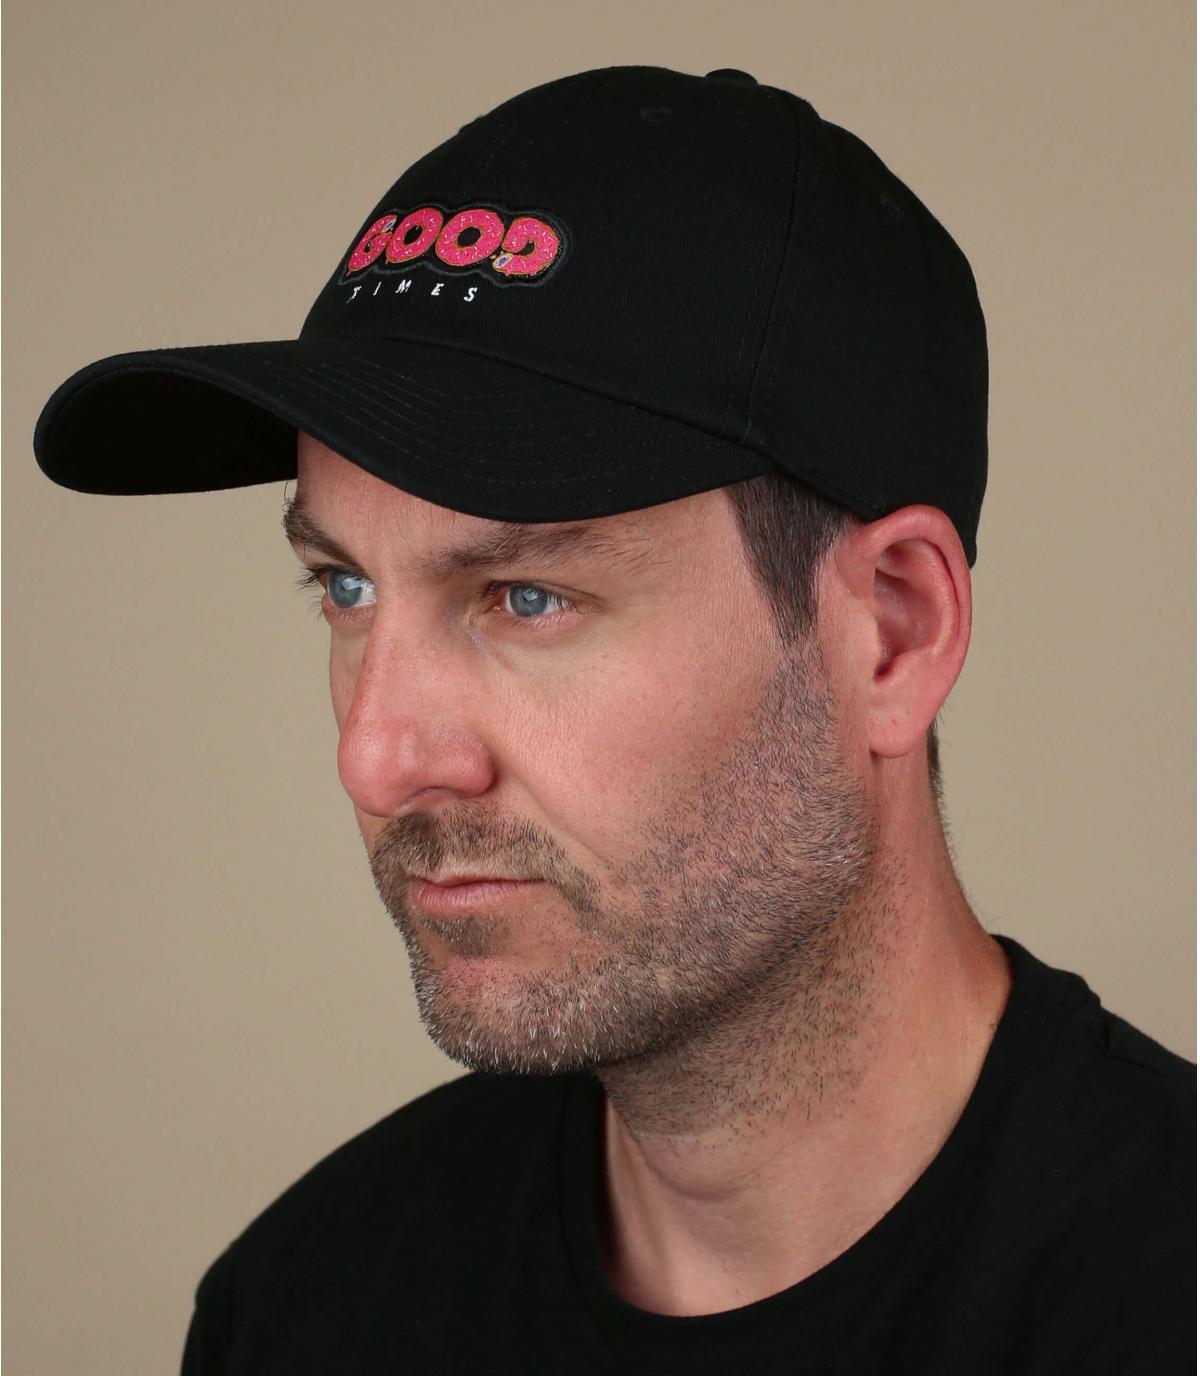 Black Good Times cap